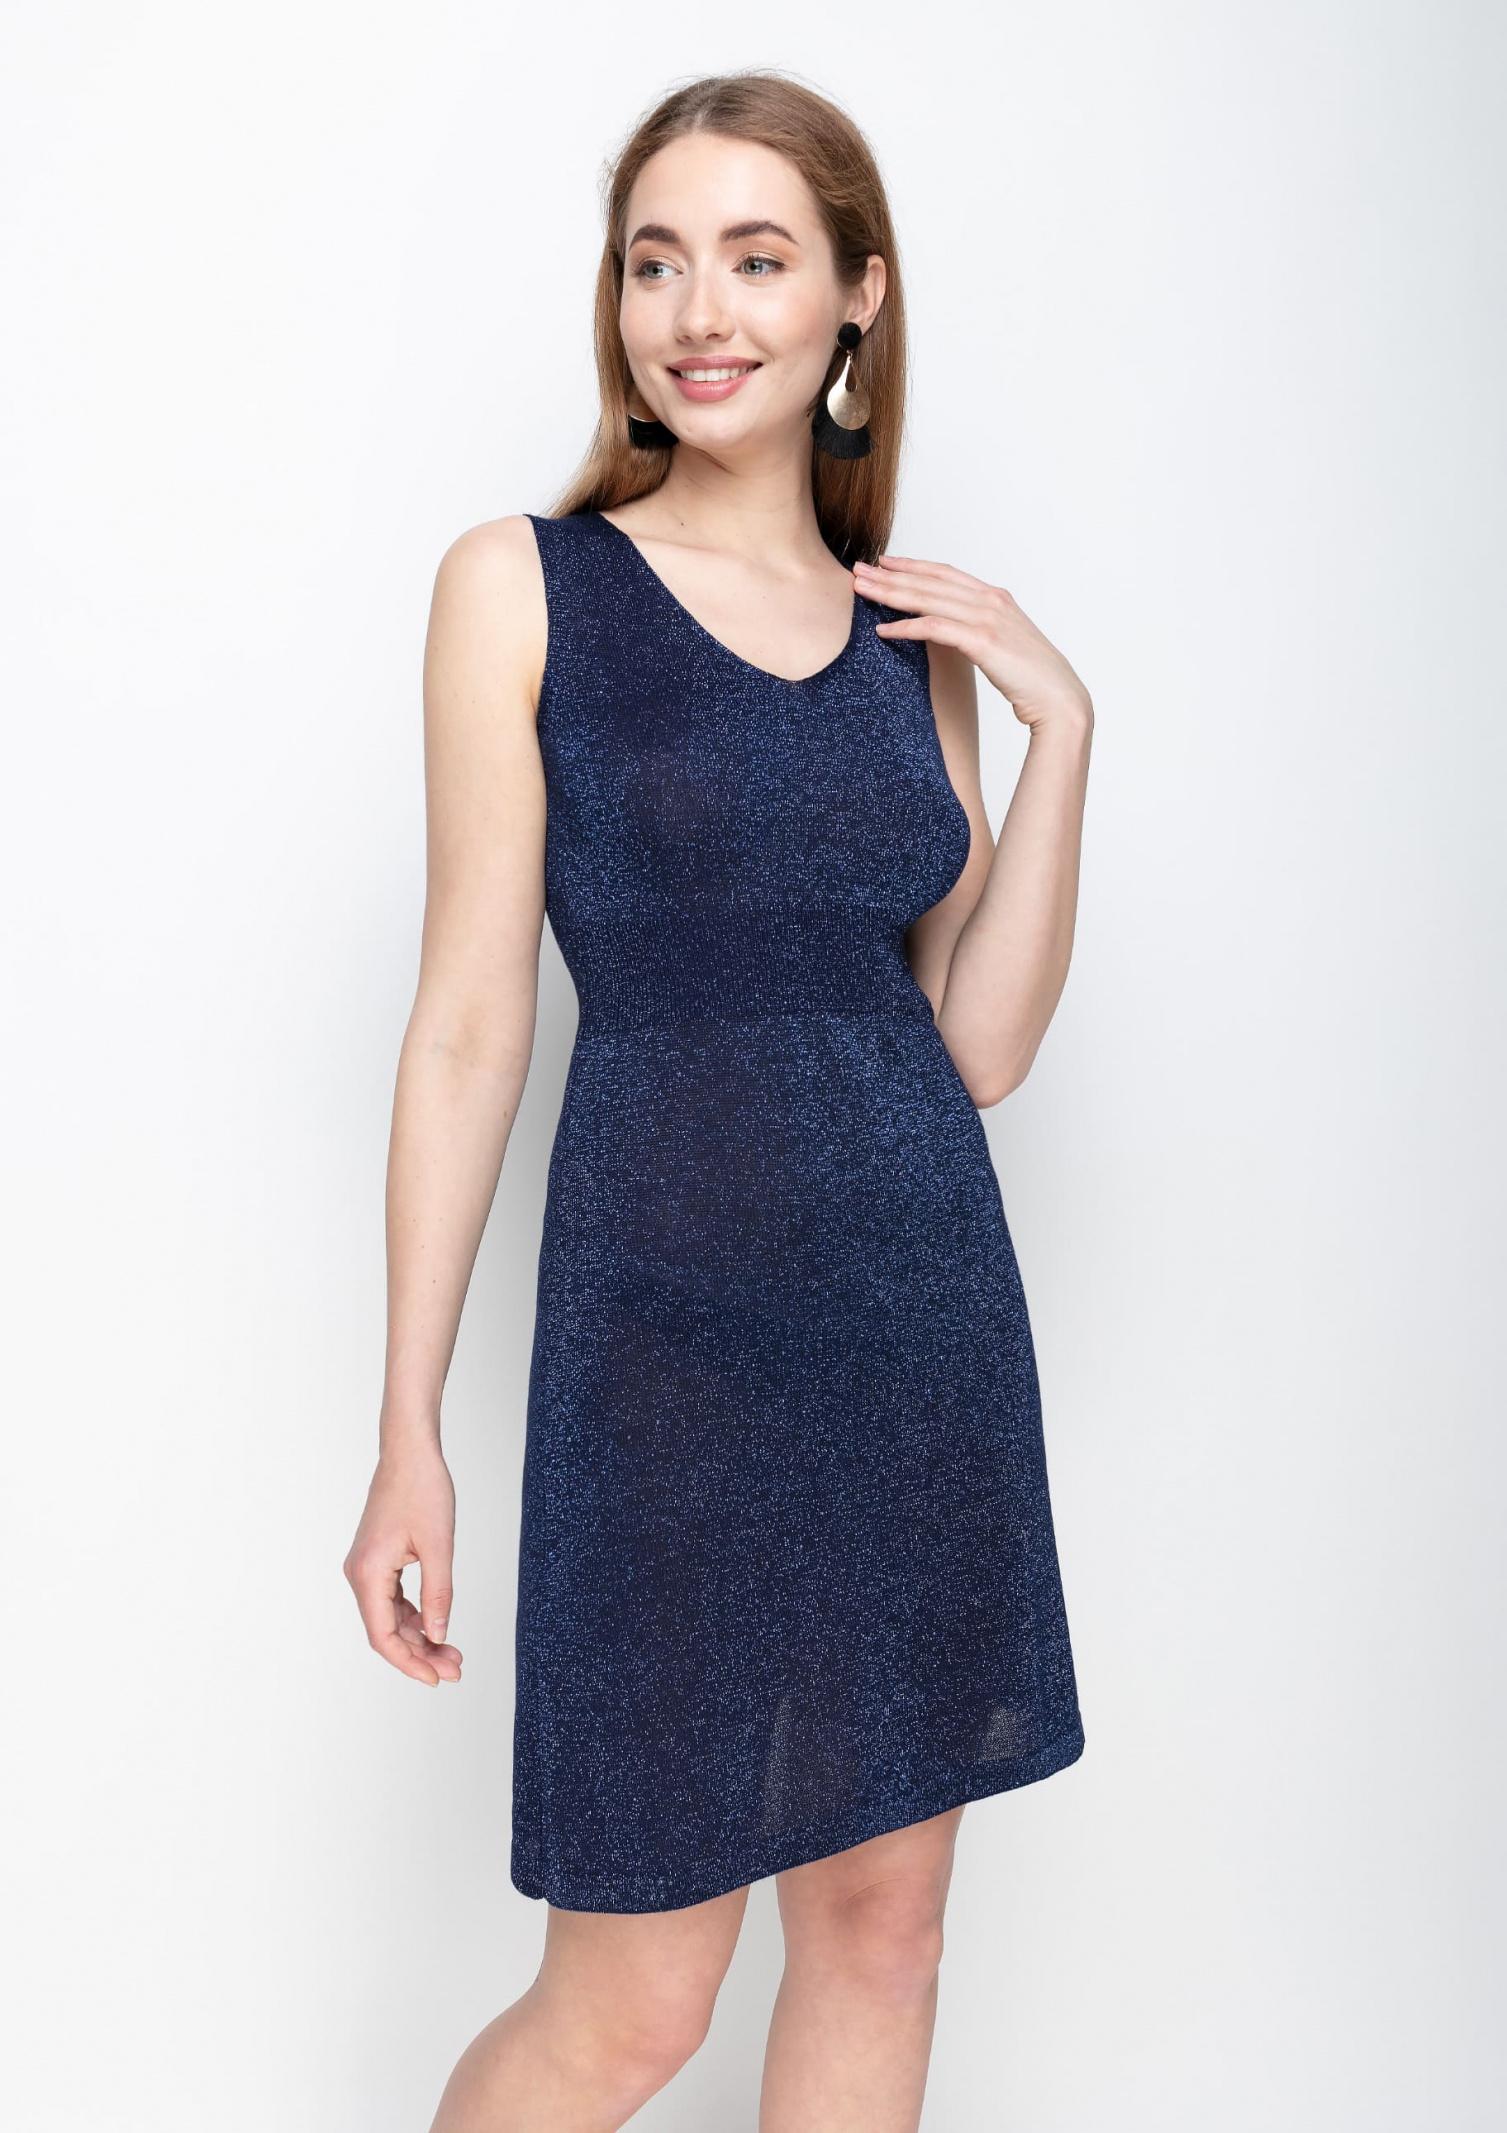 Samange Сукня жіночі модель 590-GIG_270 якість, 2017